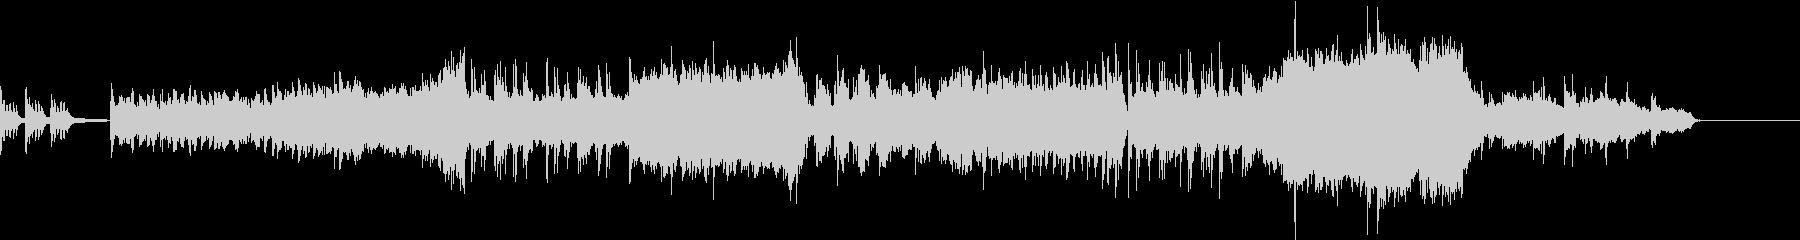 ピアノのメロディが印象的なオーケストラ曲の未再生の波形